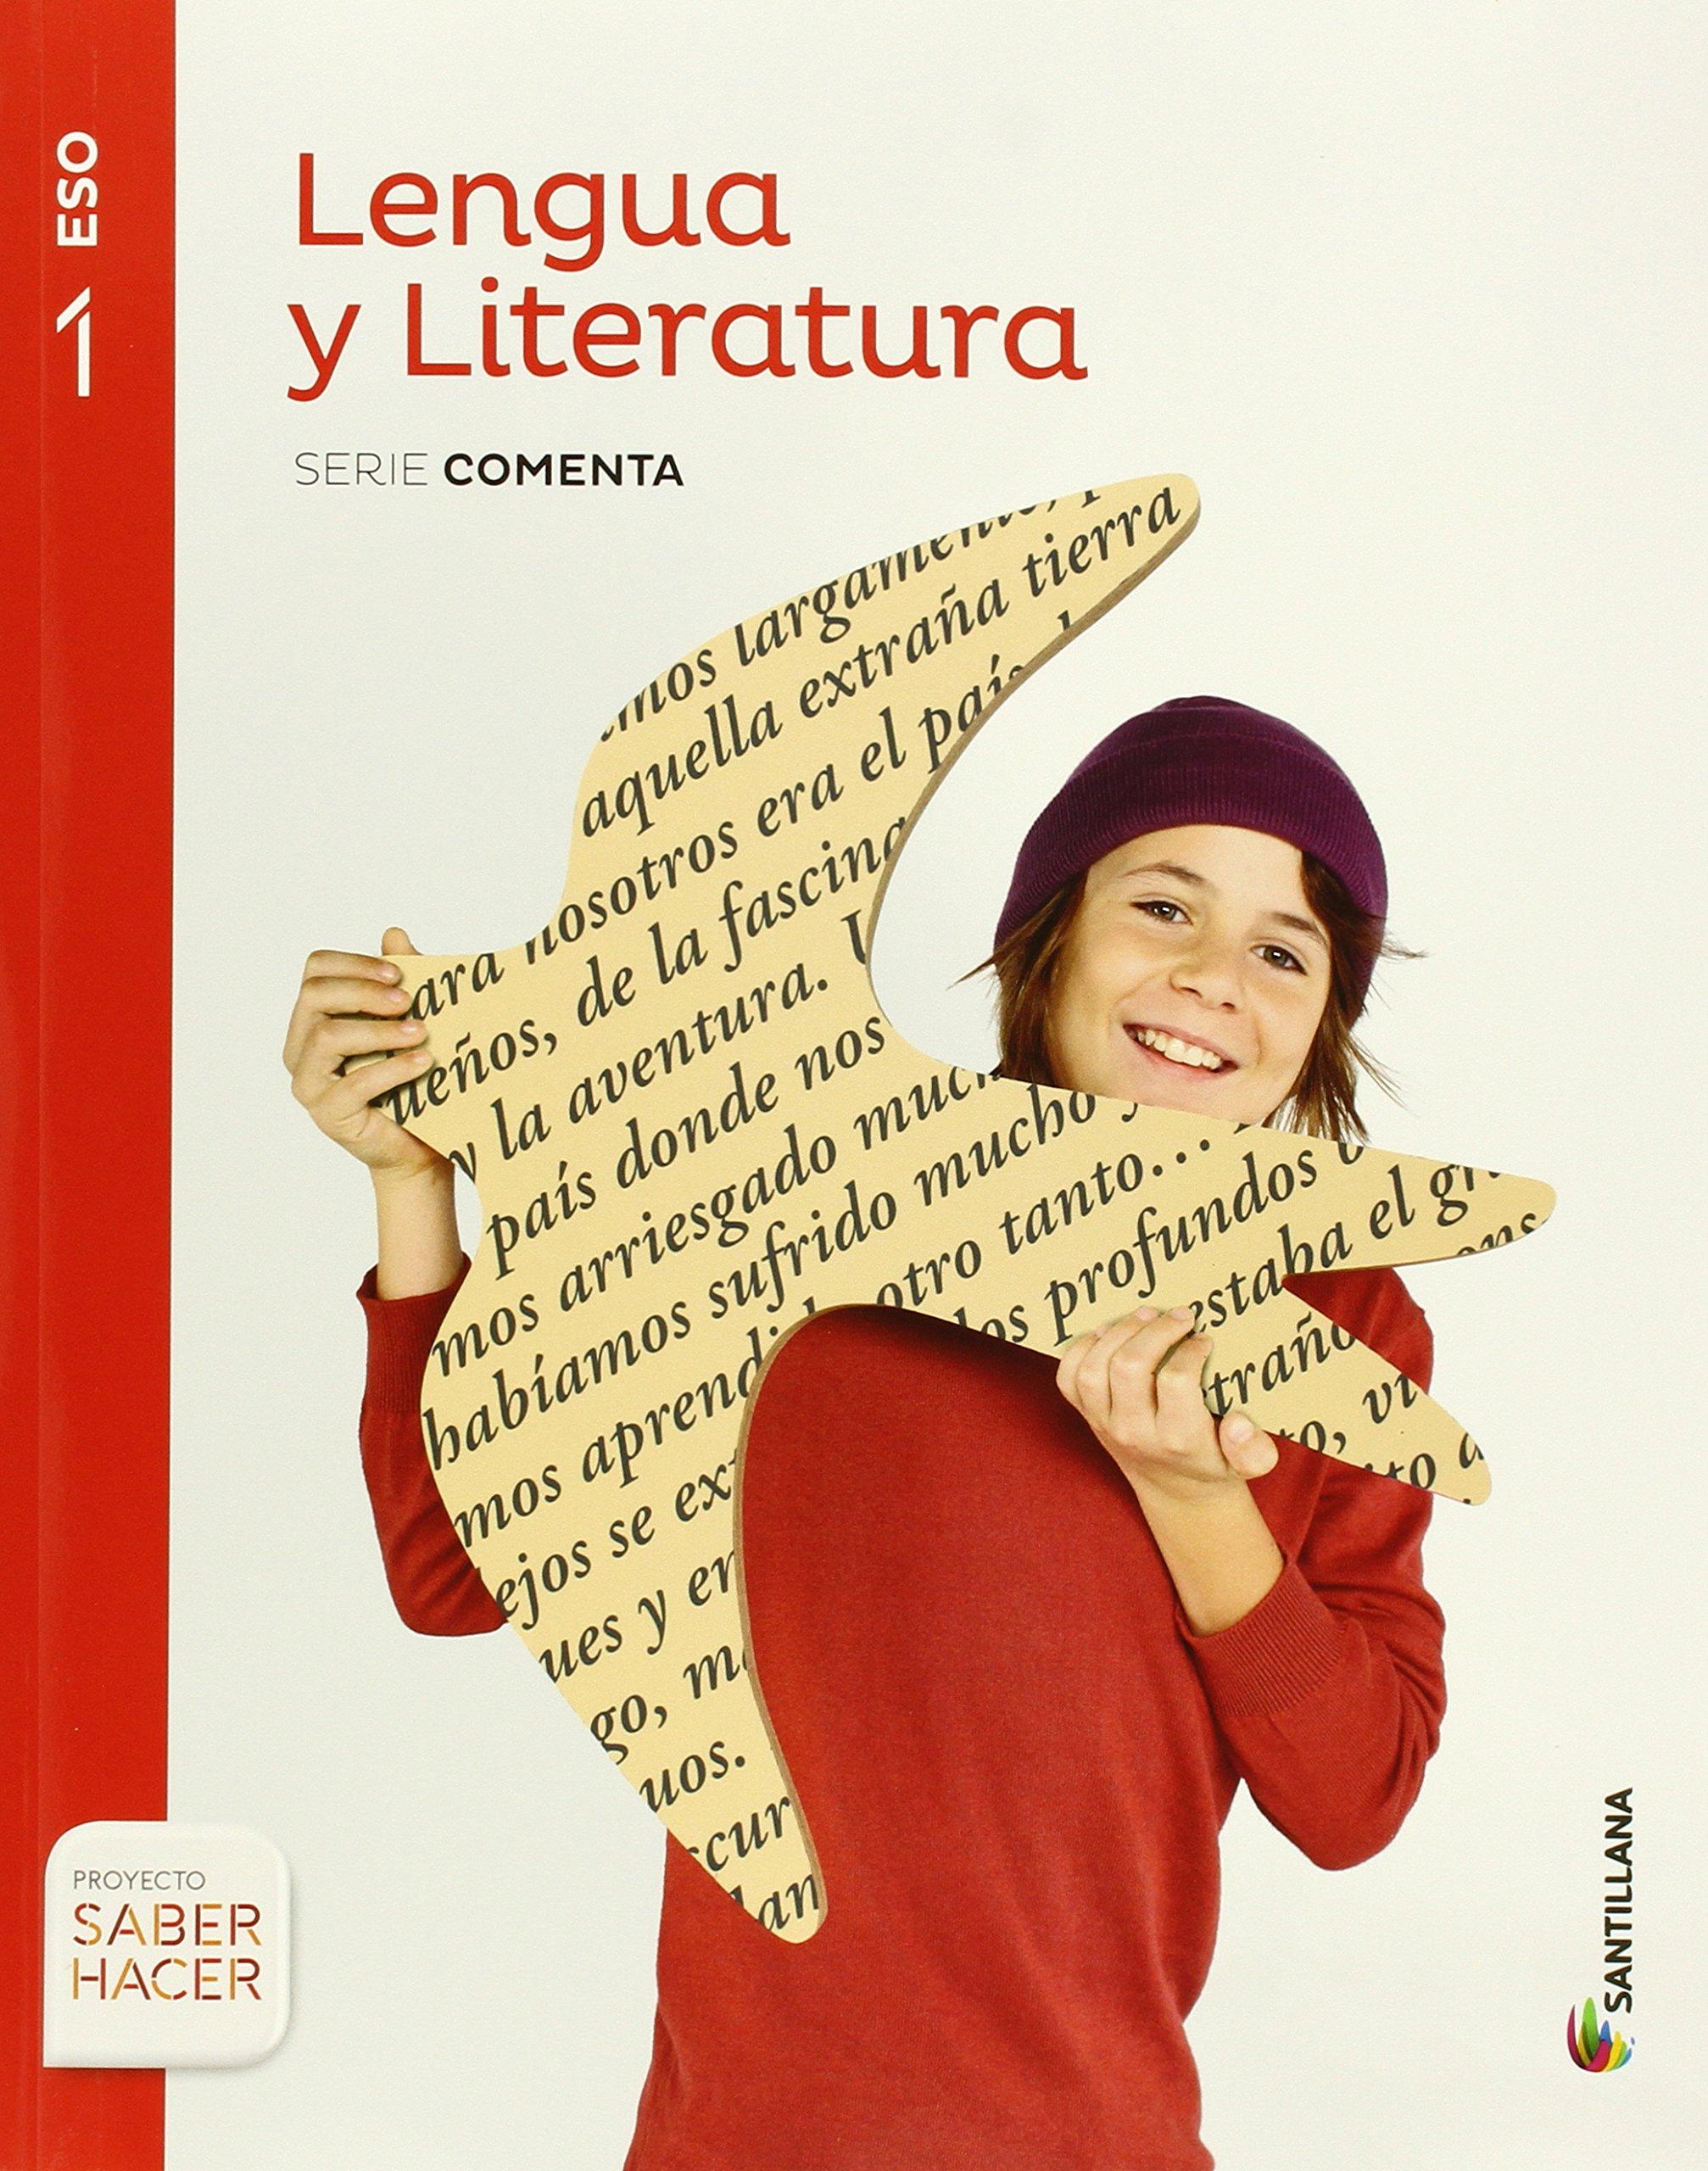 LENGUA Y LITERATURA SERIE COMENTA 1 ESO SABER HACER - 9788468015774: Amazon.es: Aa.Vv.: Libros